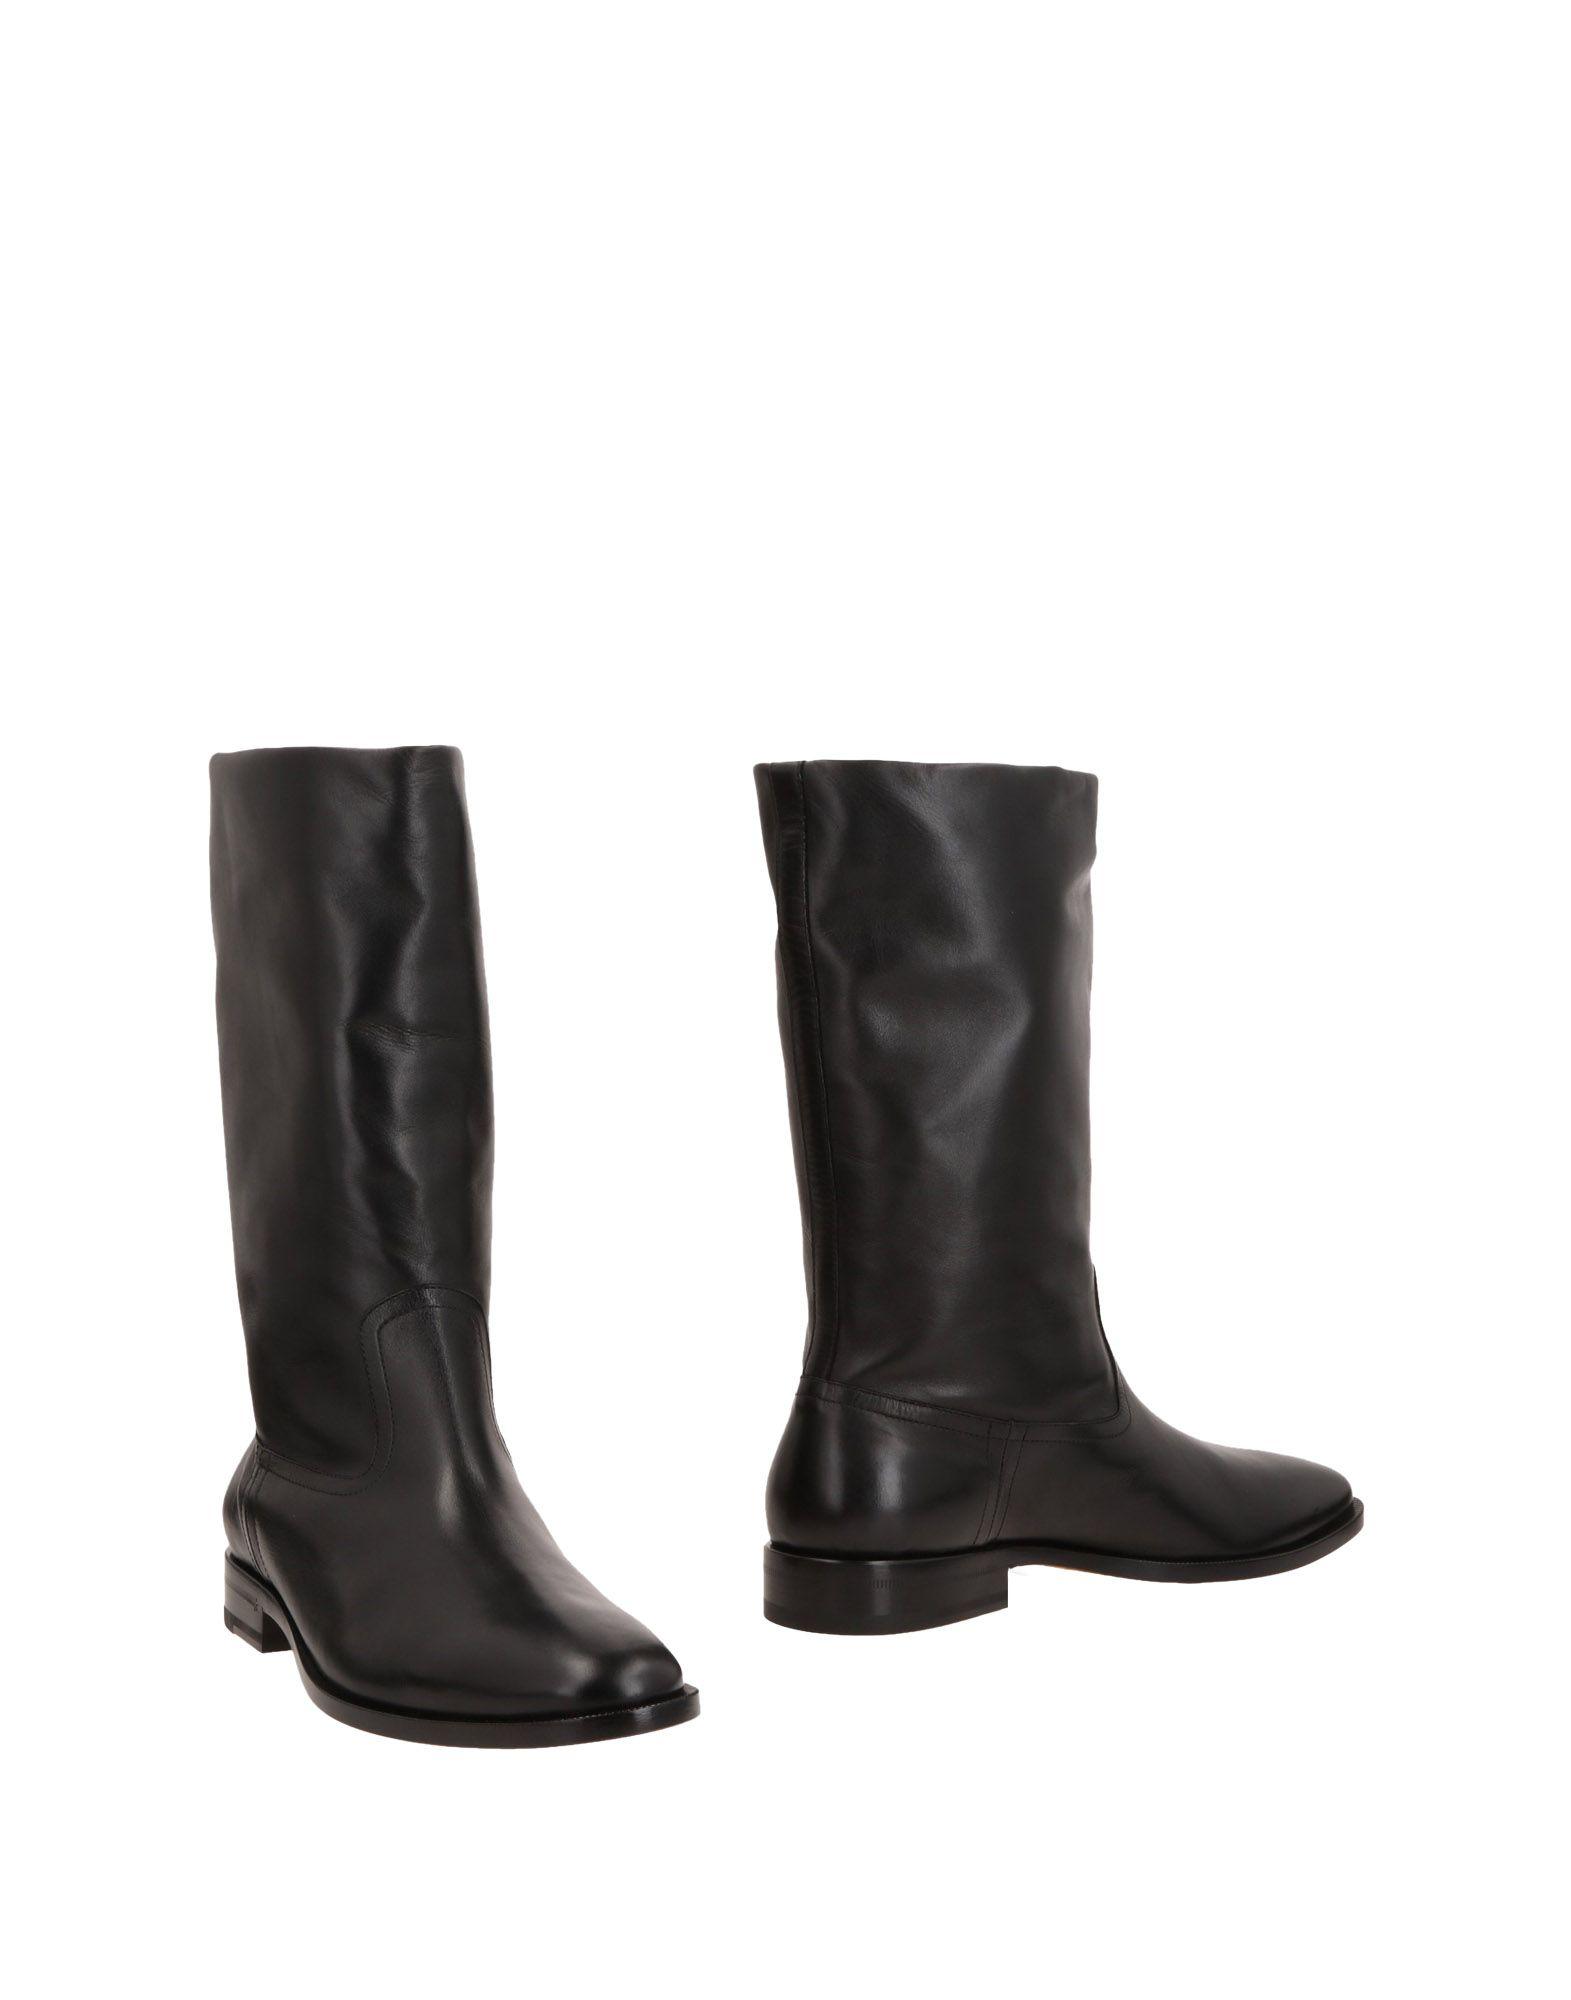 Saint Laurent Stiefelette Herren  11465418QH Gute Qualität beliebte Schuhe